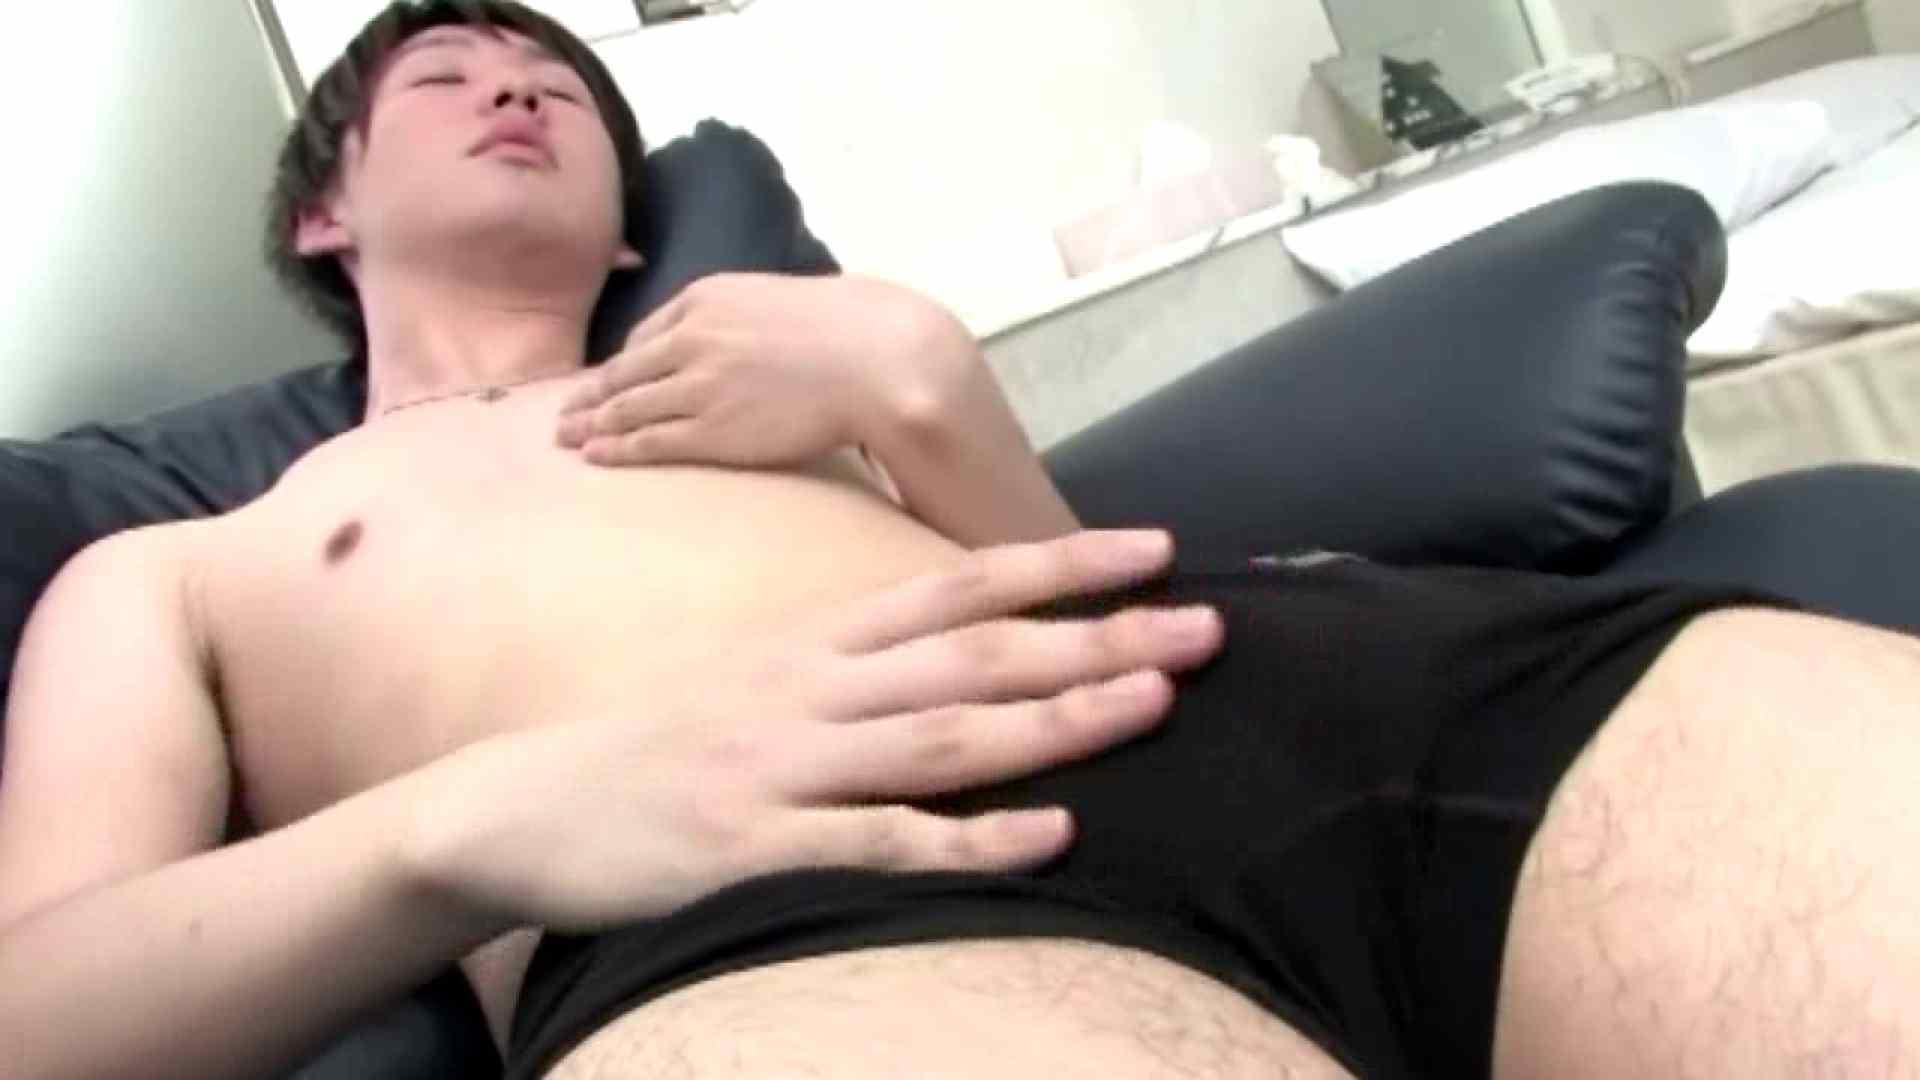 イケメン限定!天国への階段 Vol.05 男達のキス ゲイセックス画像 77枚 38